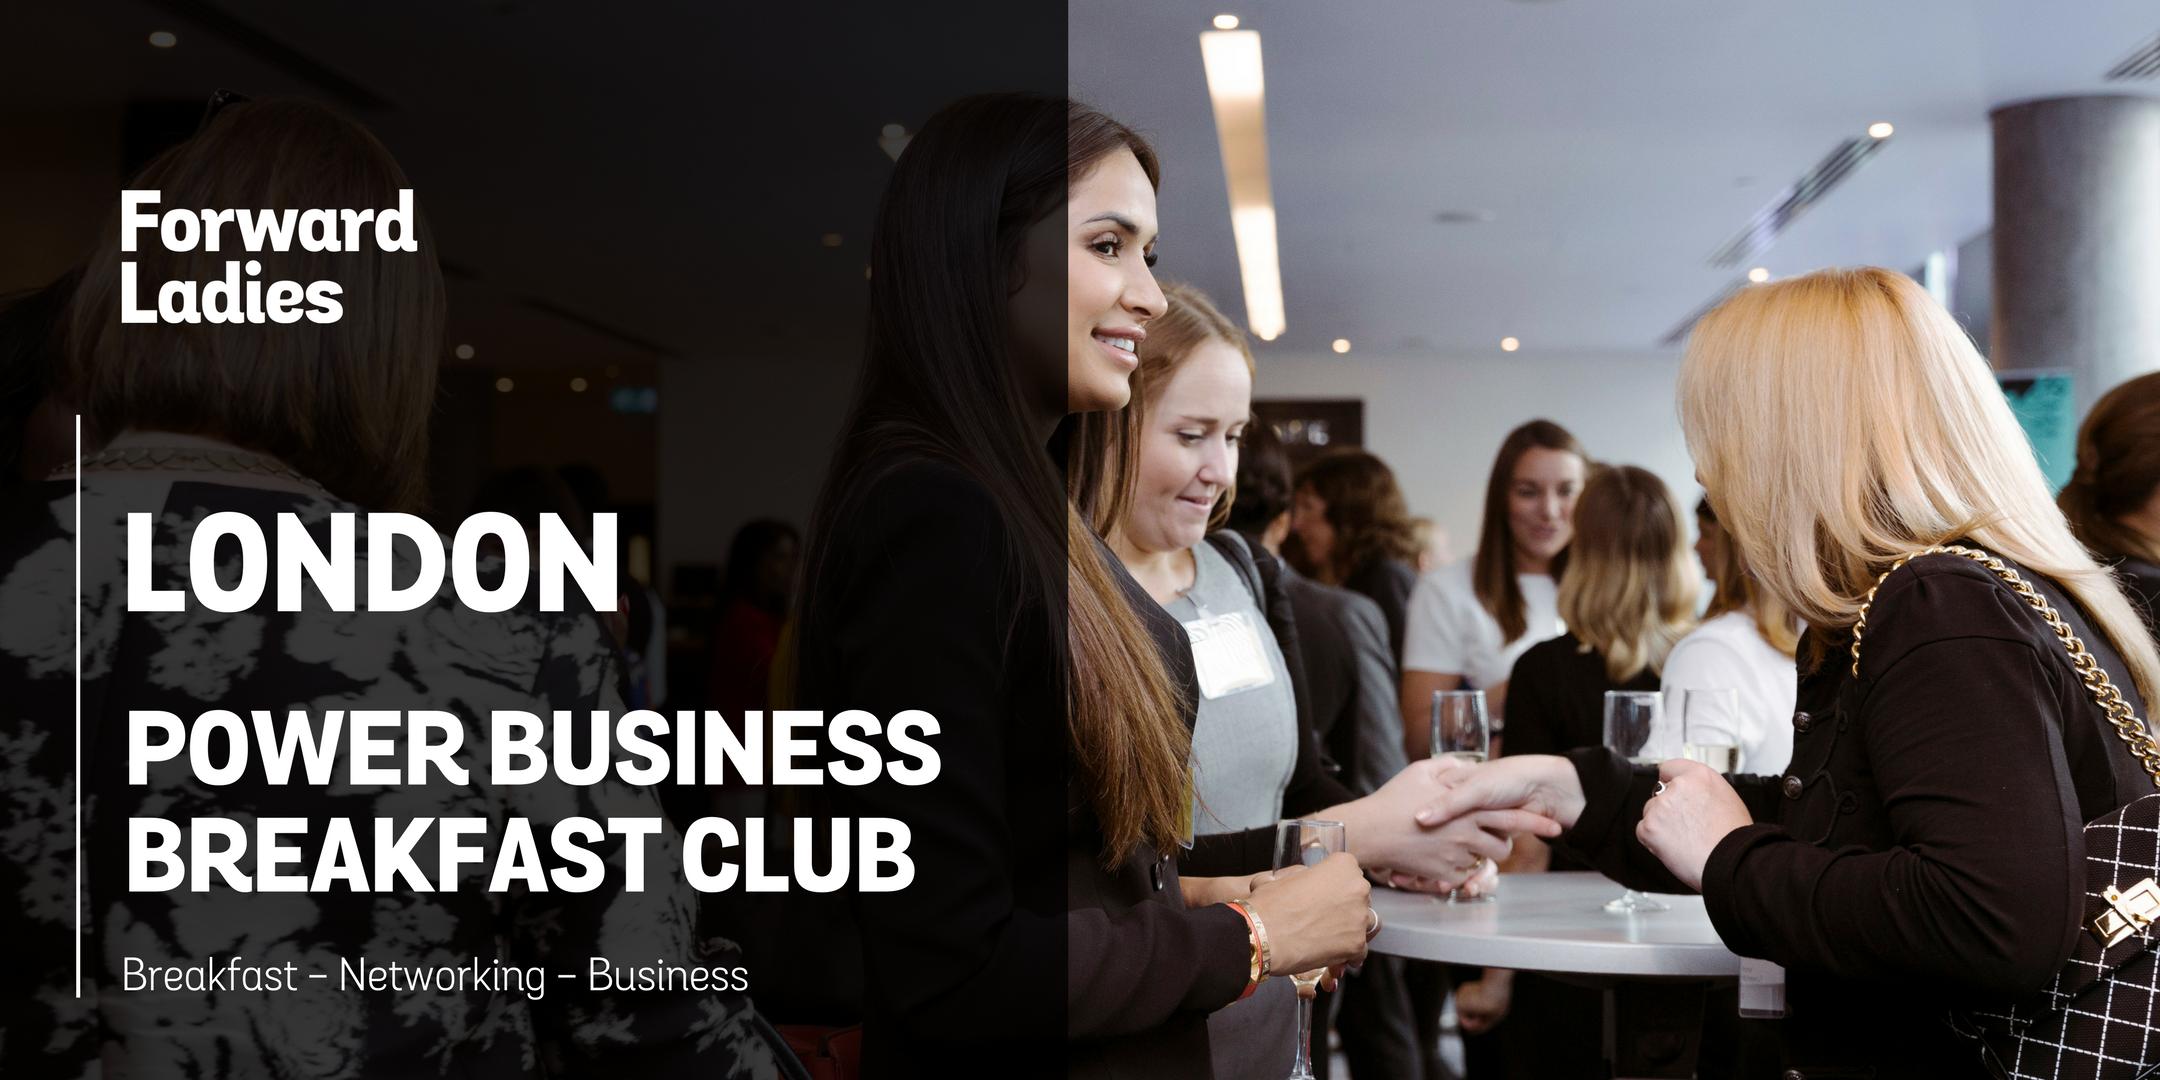 Forward Ladies London Power Business Breakfast Club – December